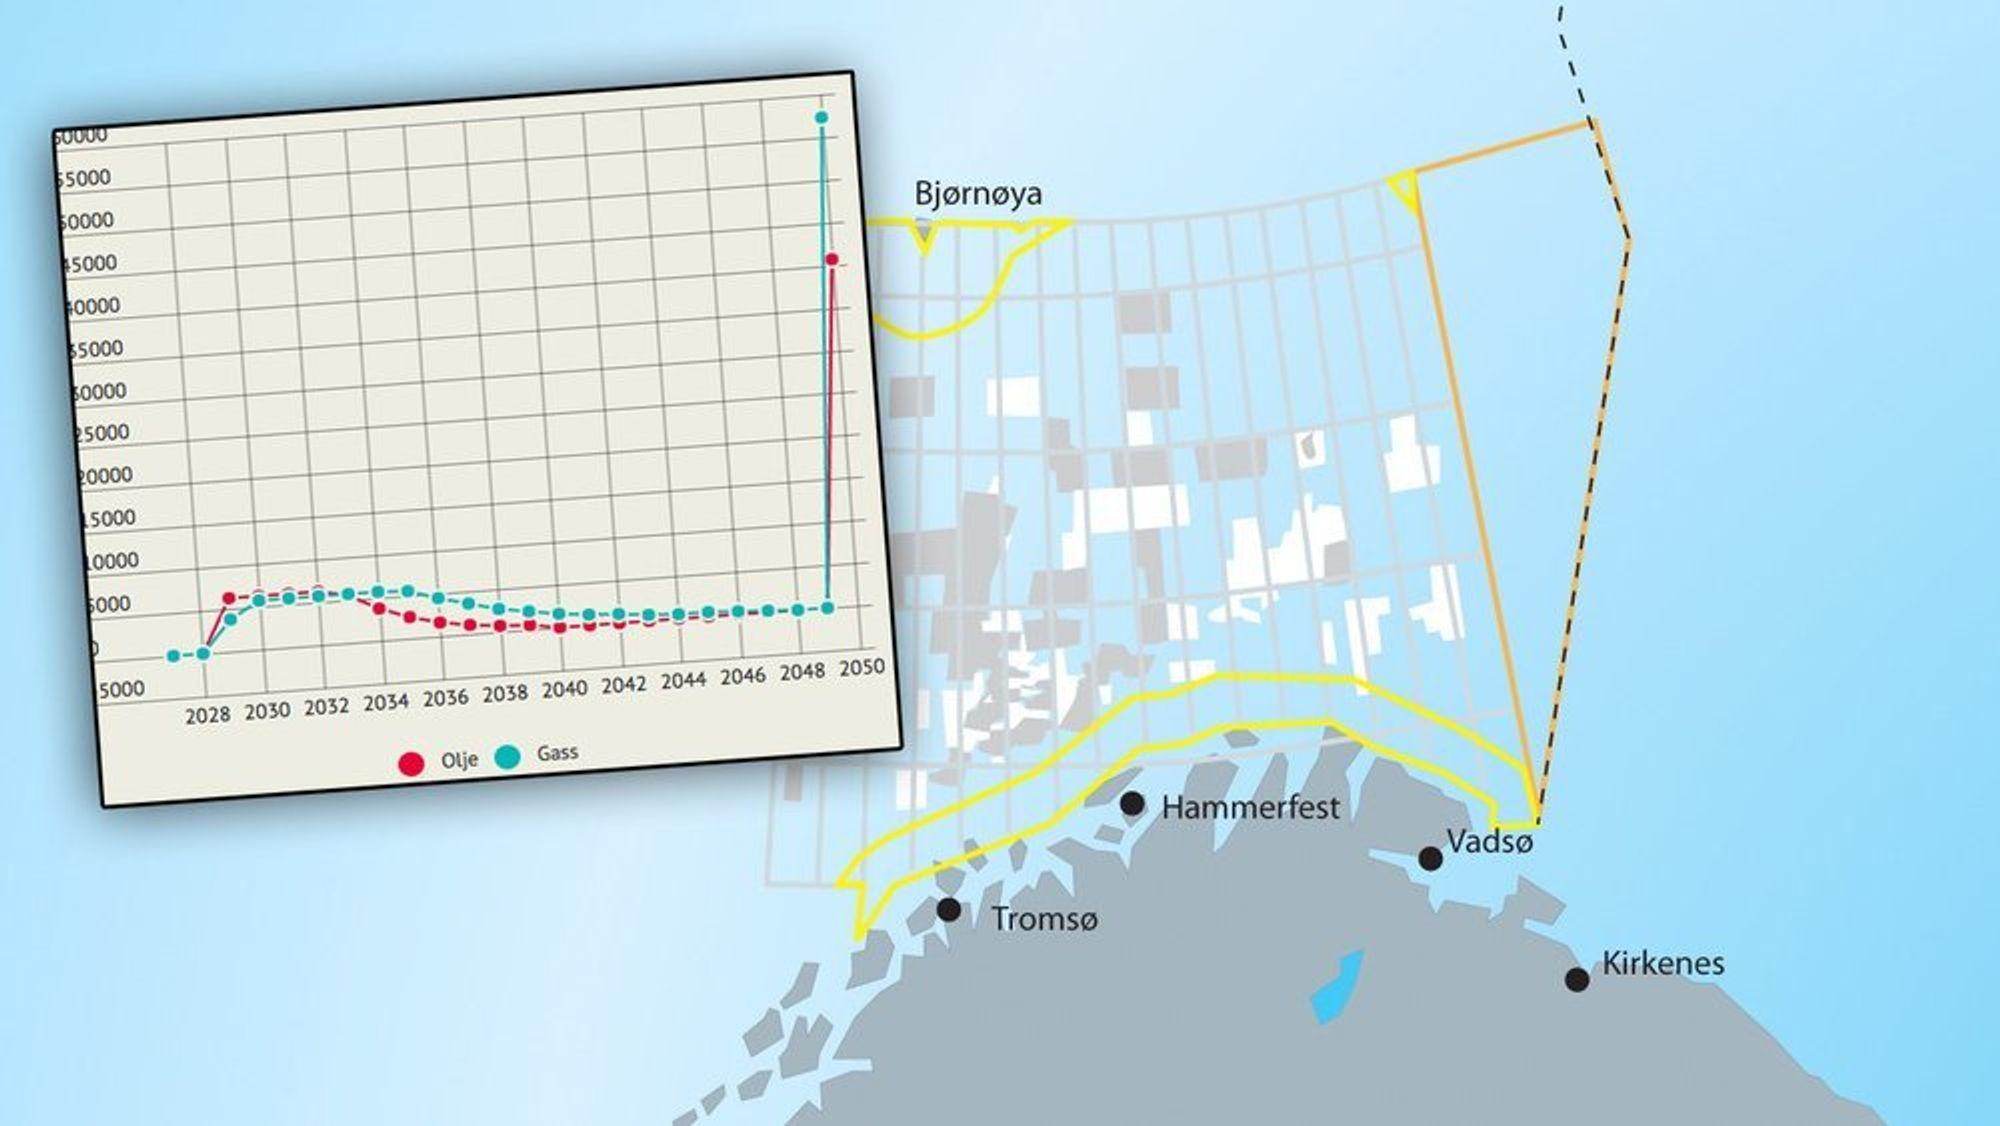 Da Barentshavet sørøst skulle konsekvensutredes ble en gigantisk regnefeil (innfelt) gjort i Oljedirektoratet.